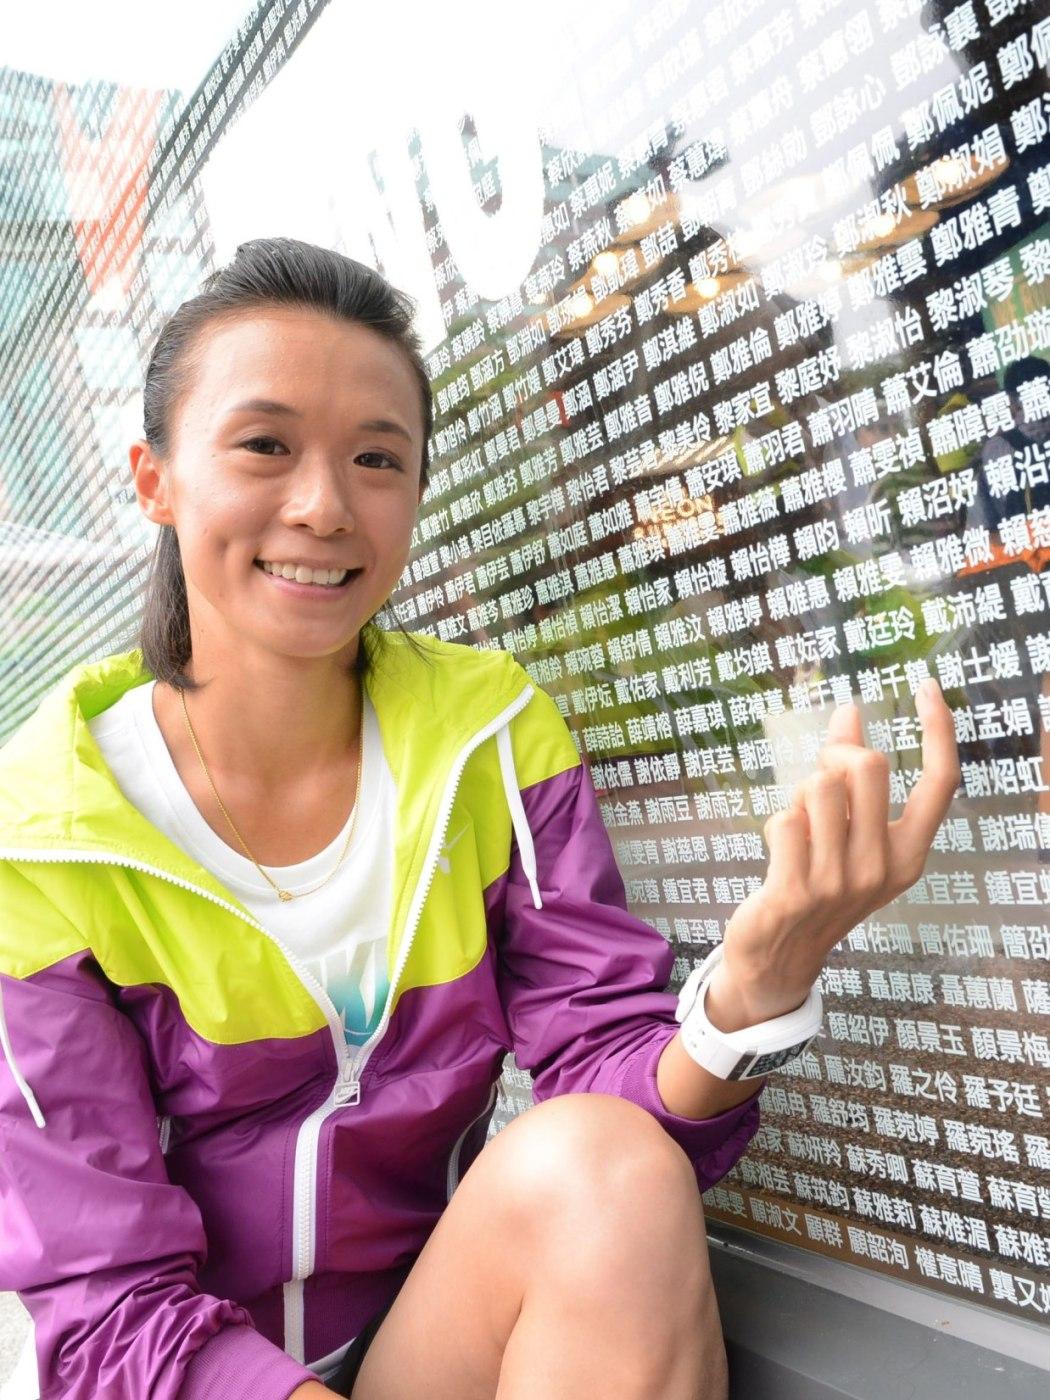 謝千鶴展示Nike臺北Neo19跑步體驗店門口兩面大型櫥窗15,000名跑者姓名牆,並給予所有參賽女性鼓勵支持並為她們留下紀念性一刻,攜手邁向跑步新里程碑